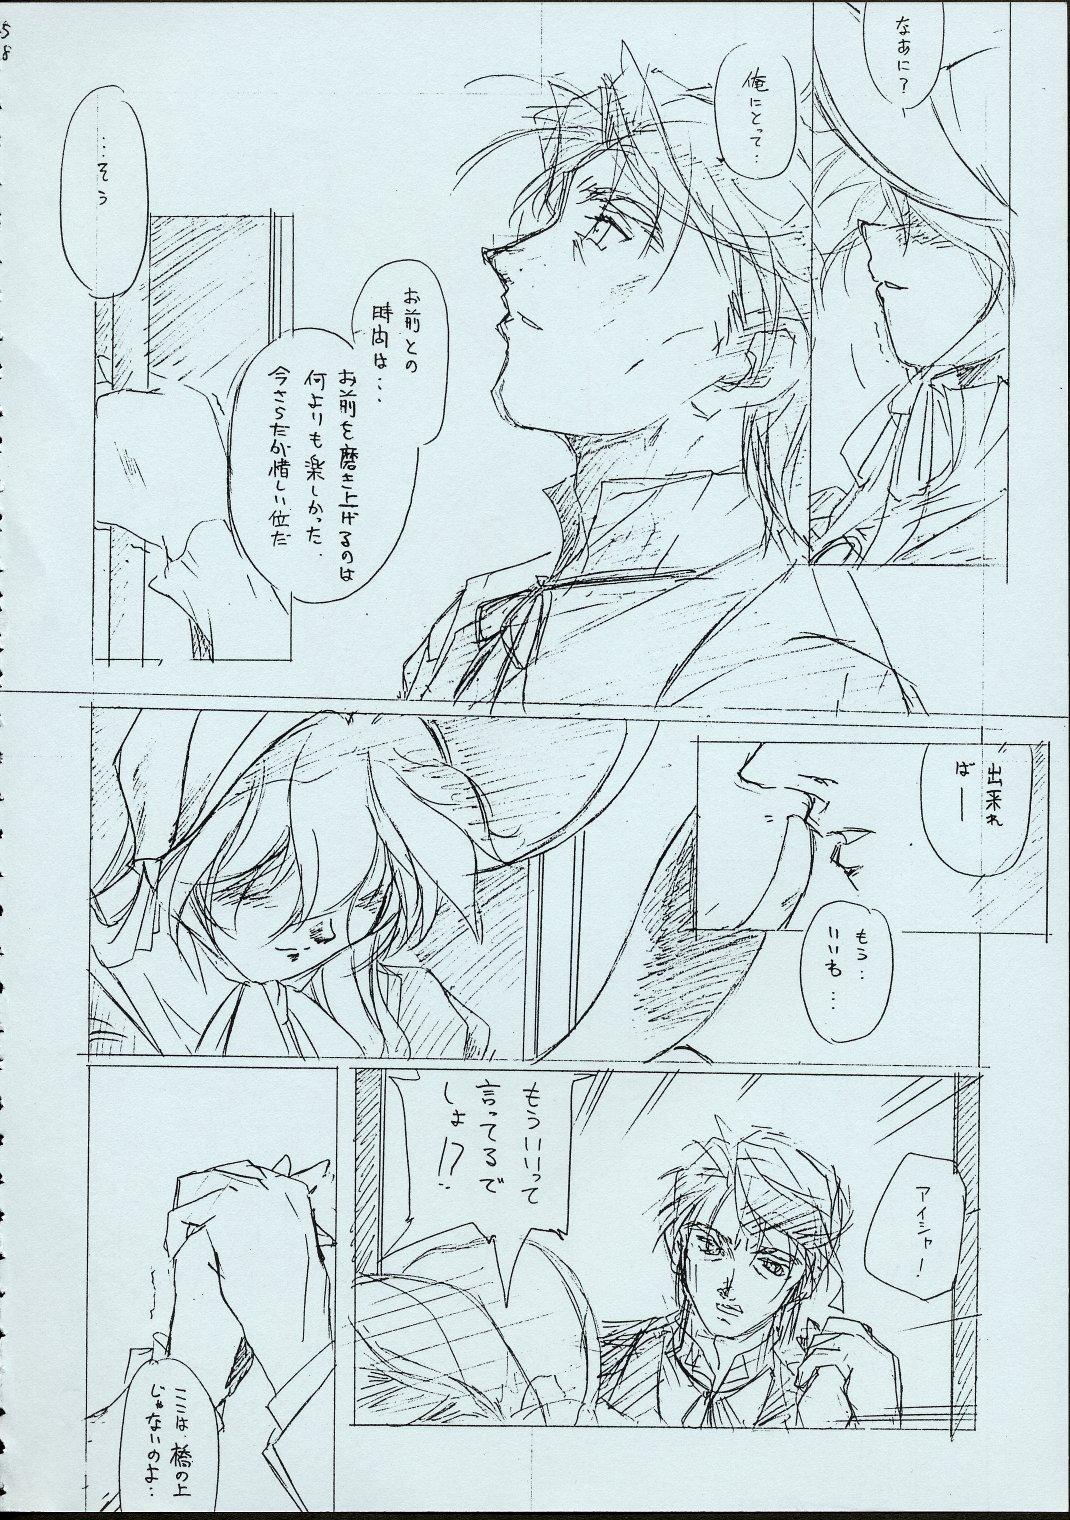 Maid-san kihonkei 56